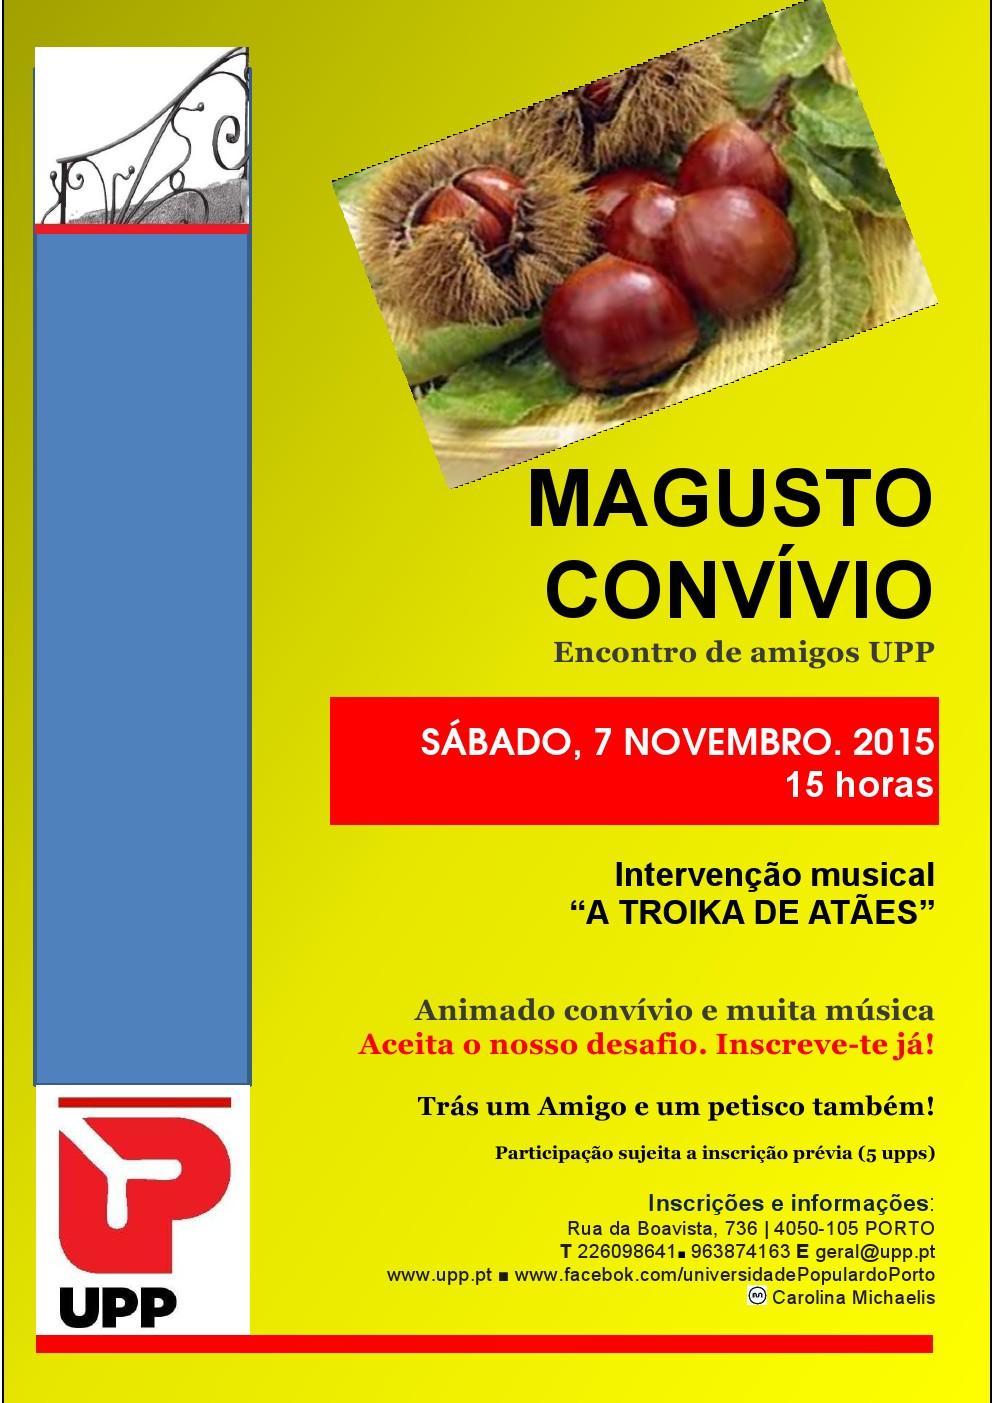 UPP Magusto Nov 2015